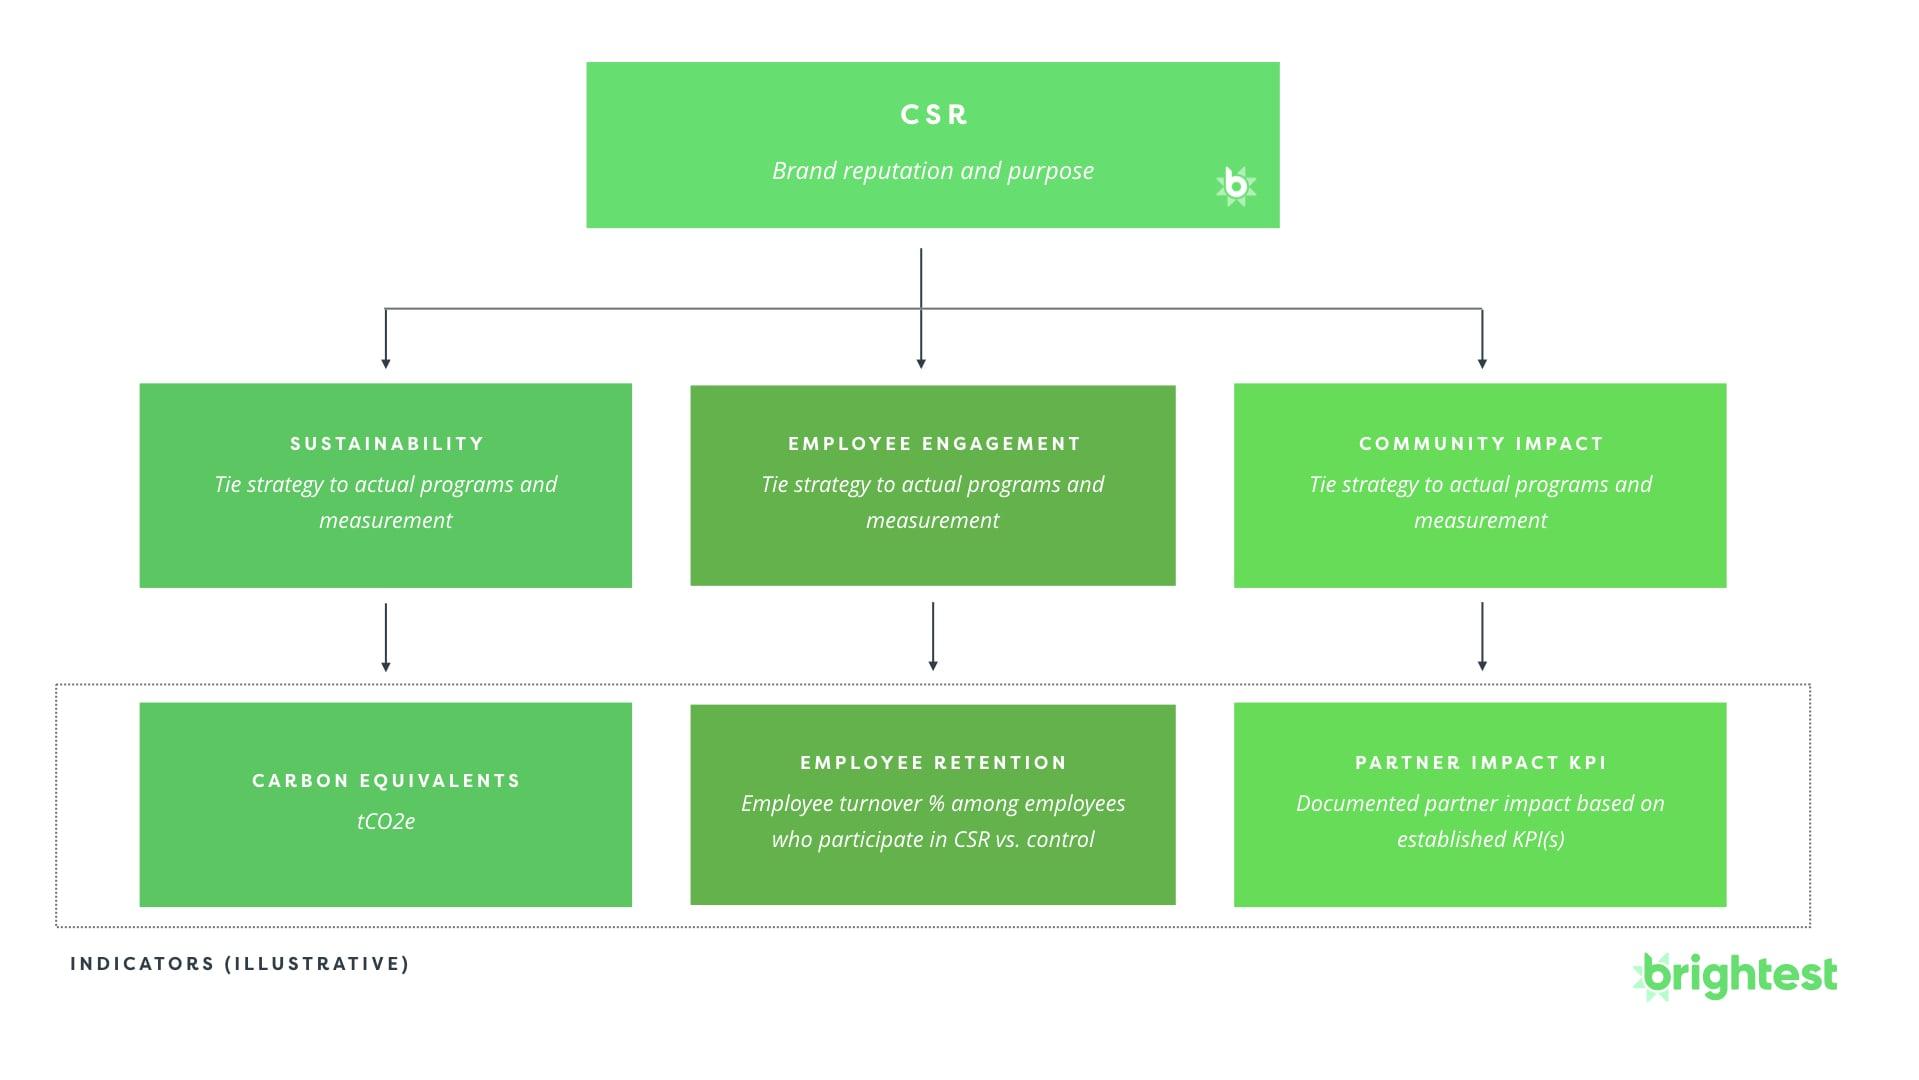 CSR (Corporate Social Responsibility) Measurement Metrics and Indicators